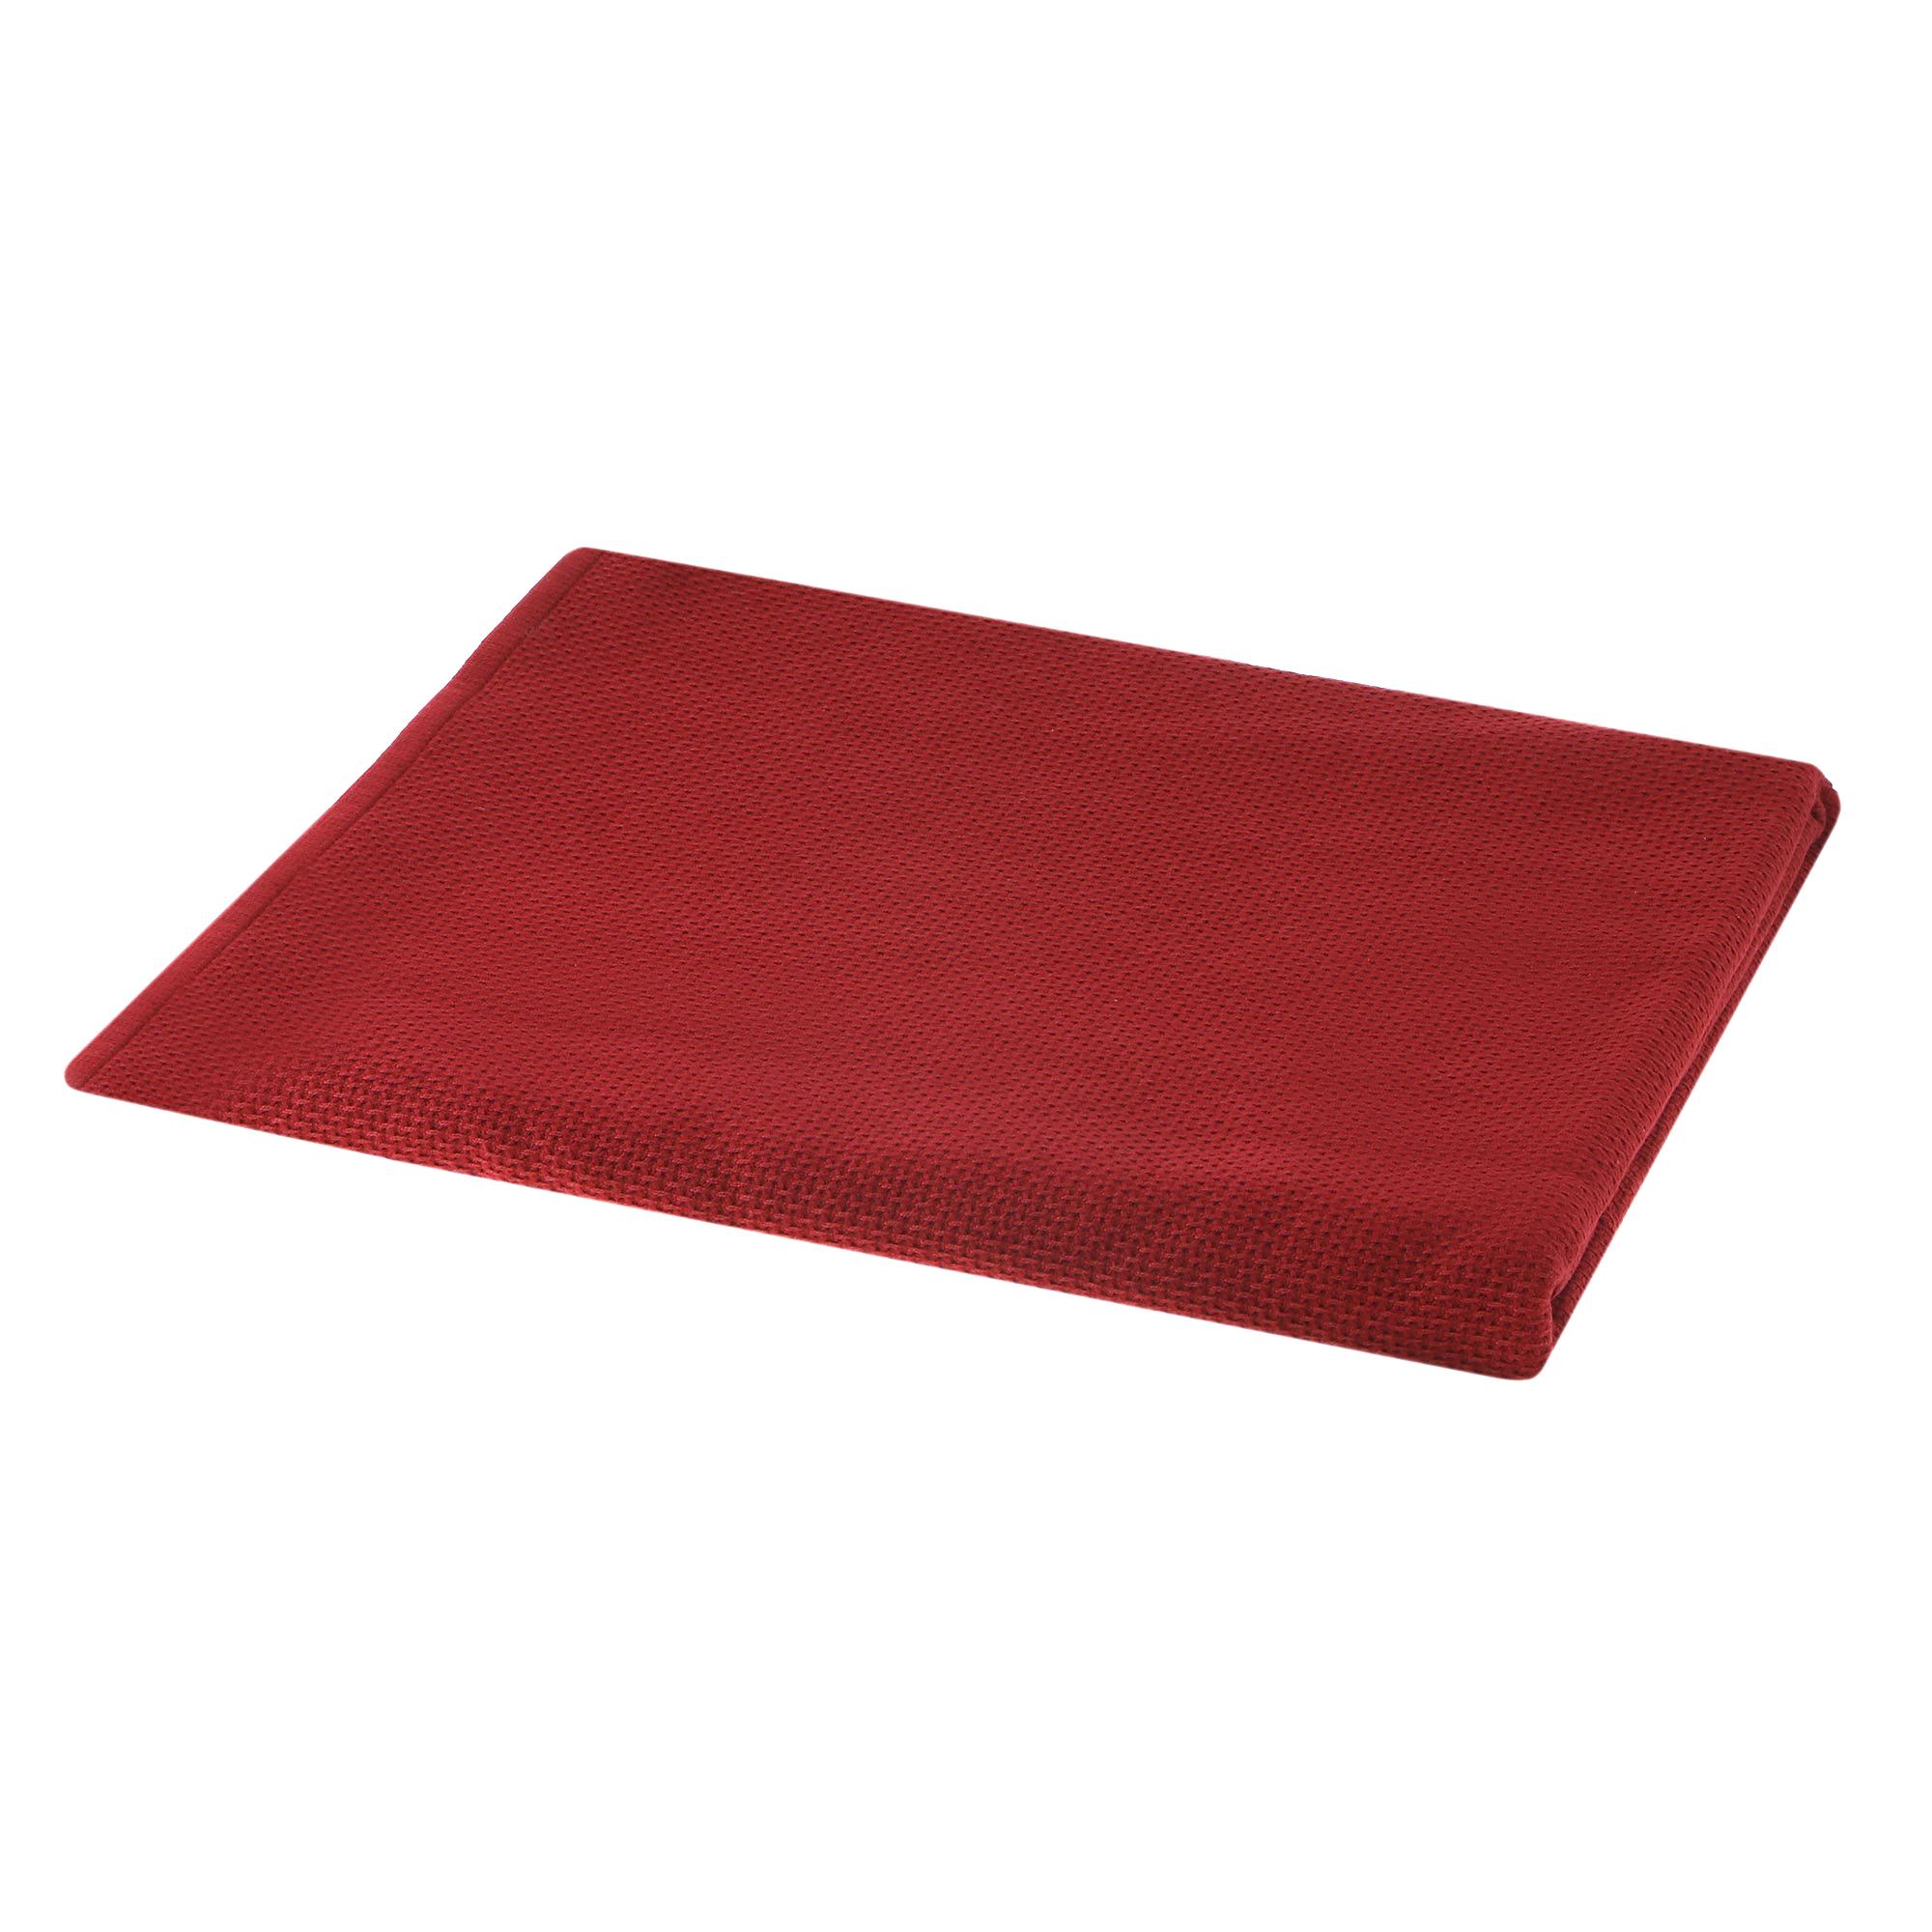 Полотенце двухстороннее Asil 50x100 d.red.